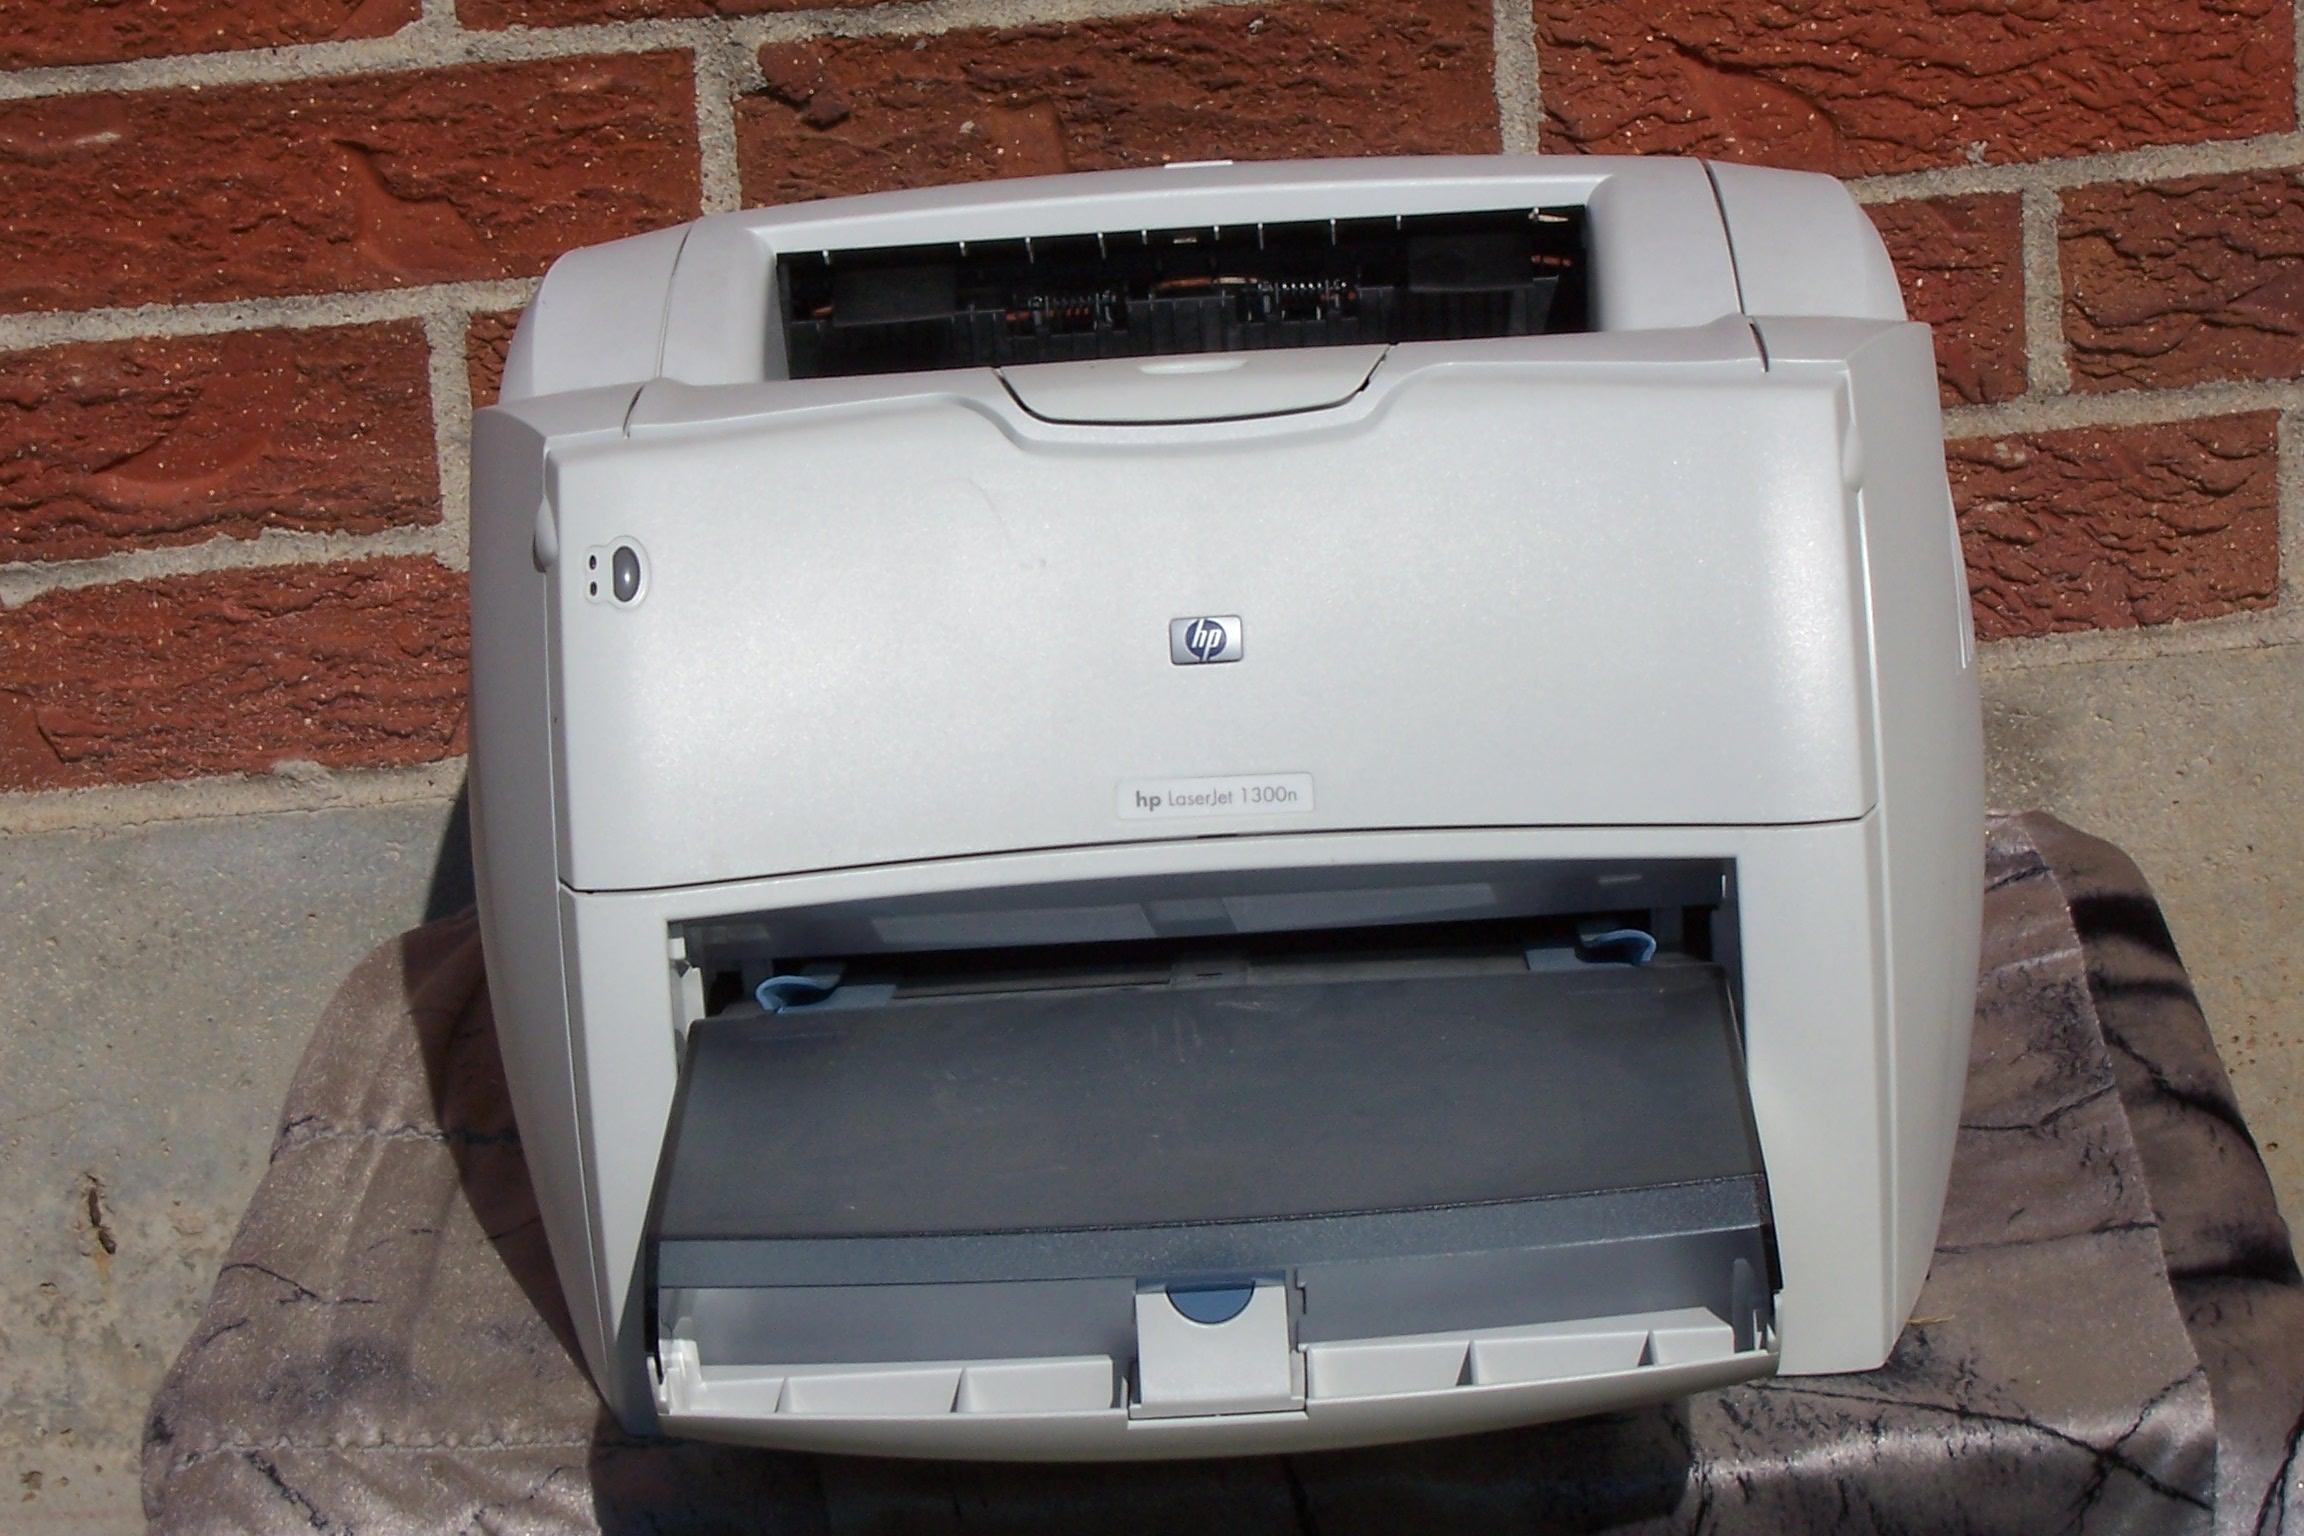 HP LASERJET 1300 PCL5E DRIVER DOWNLOAD